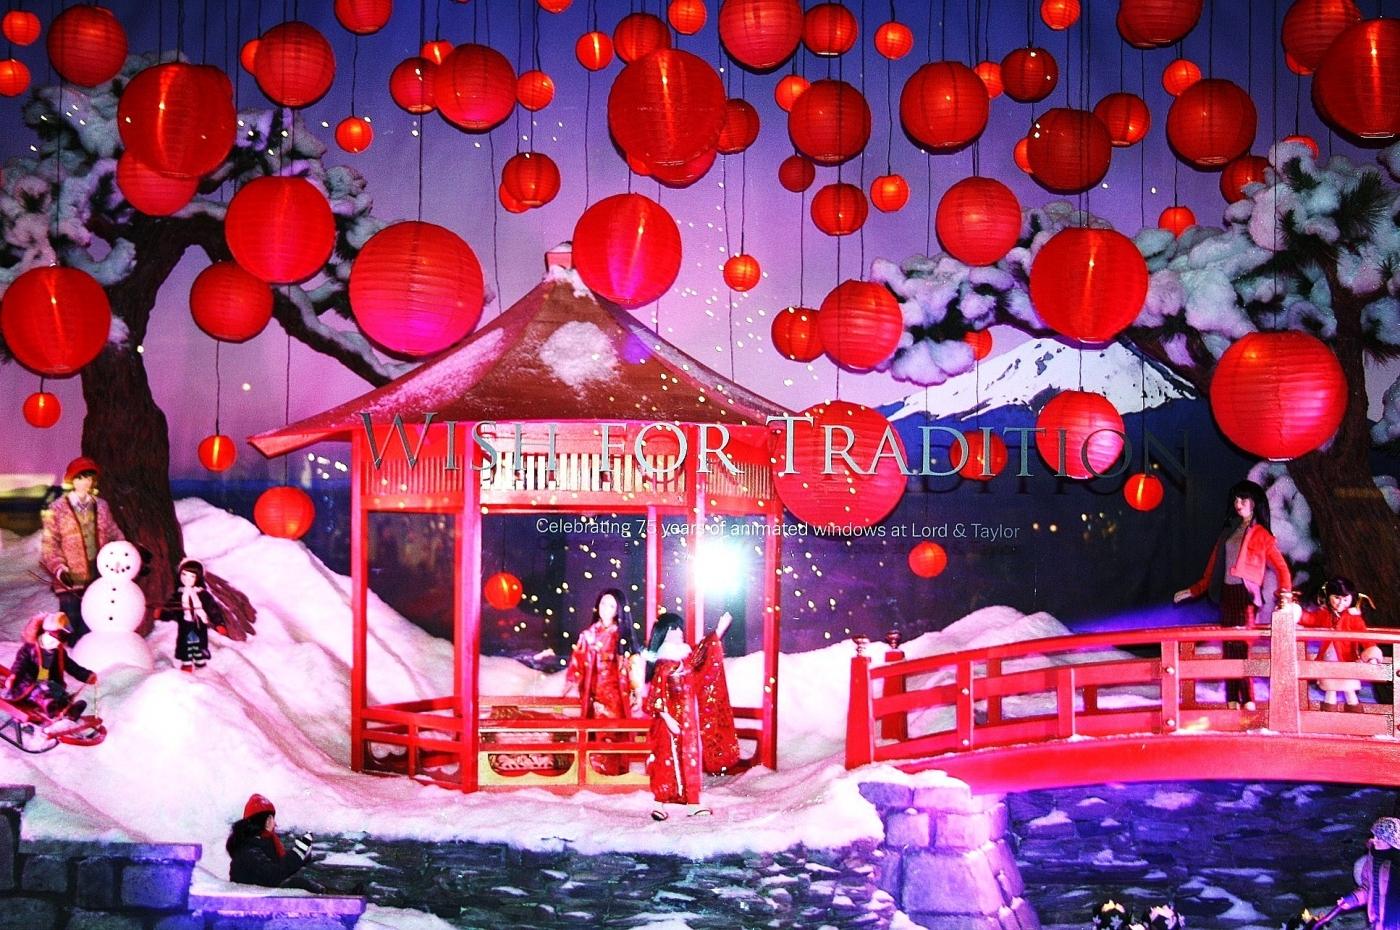 圣诞来临,感受快乐 - 祝大家圣诞快乐,新年快乐_图1-18